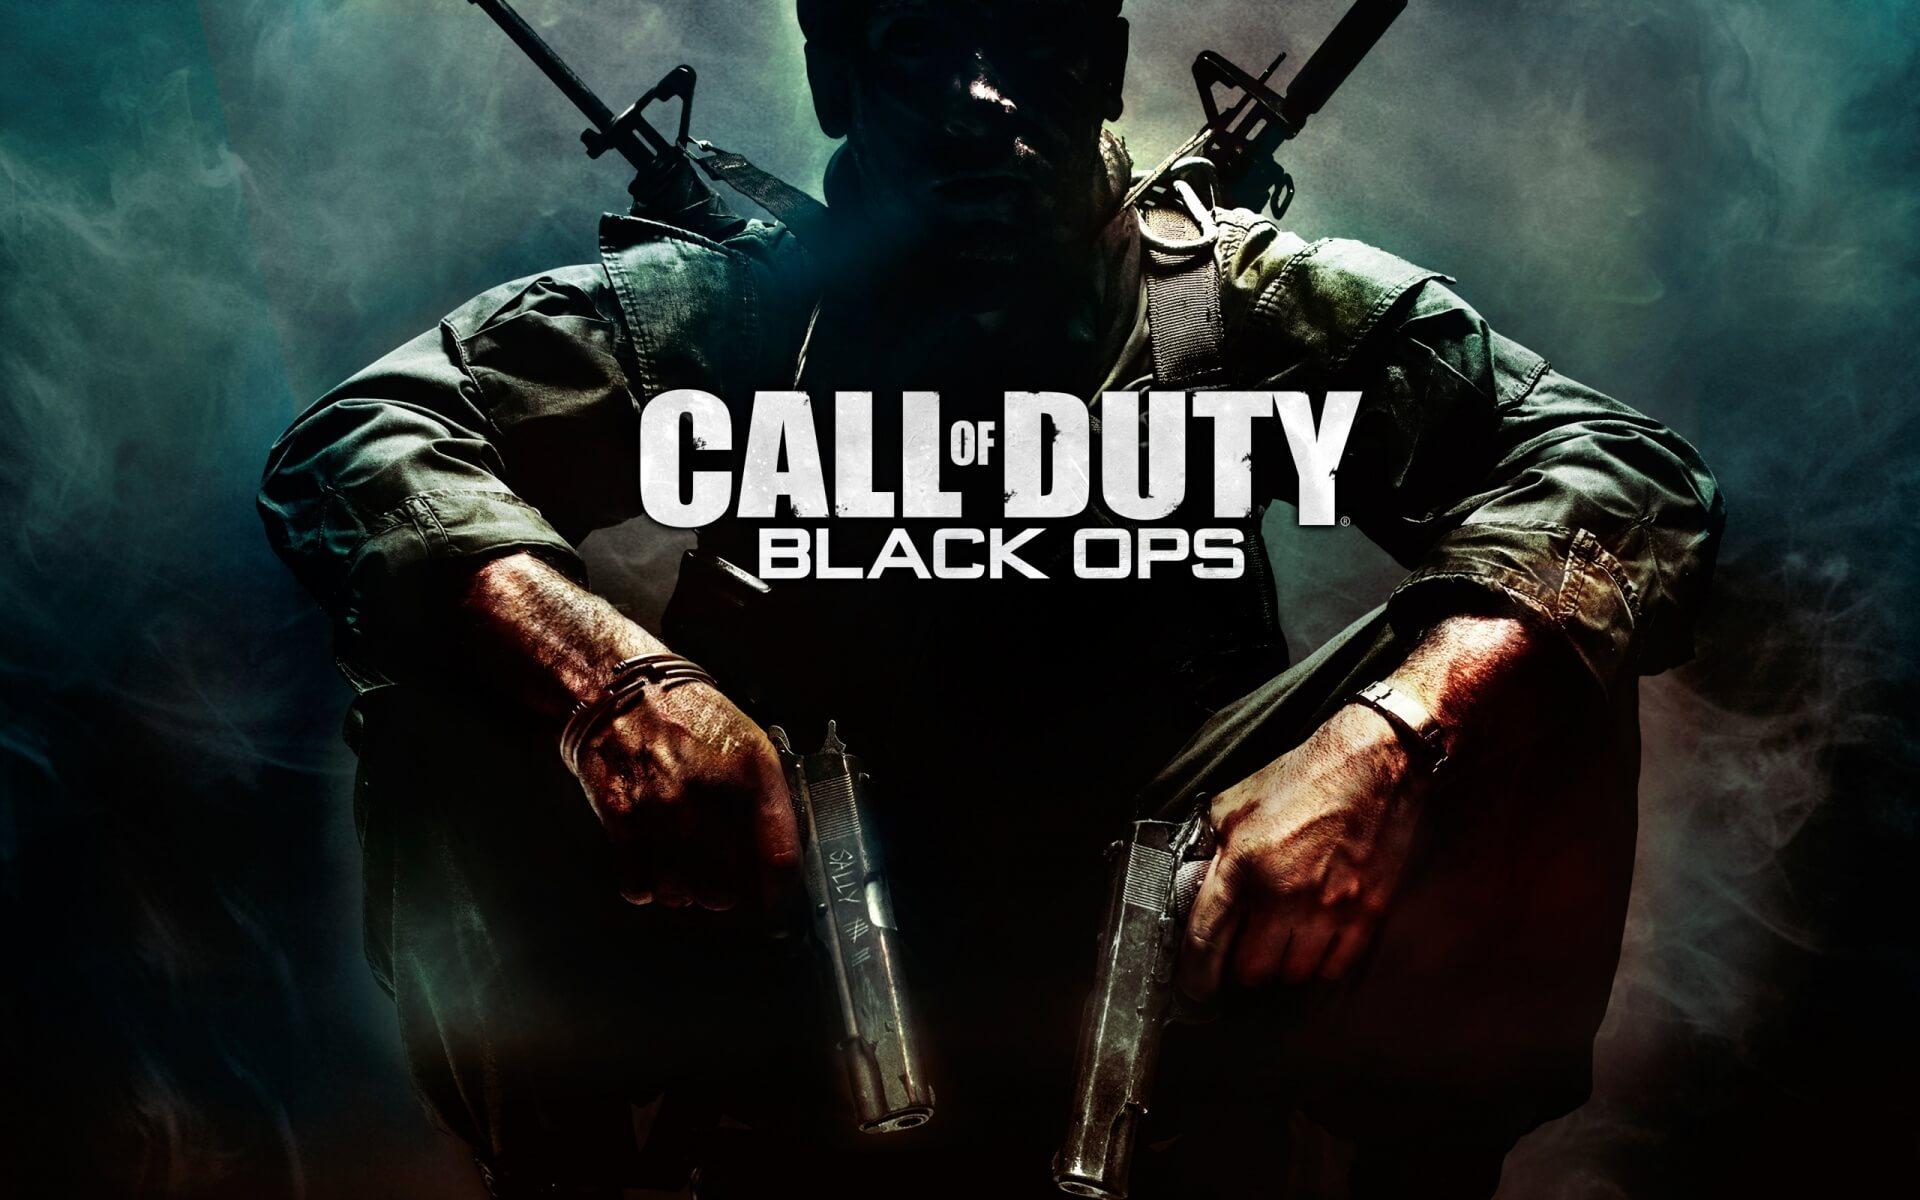 Verkaufszahlen:  Titanfall 2 berappelt sich – Call of Duty gewinnt November, verliert aber